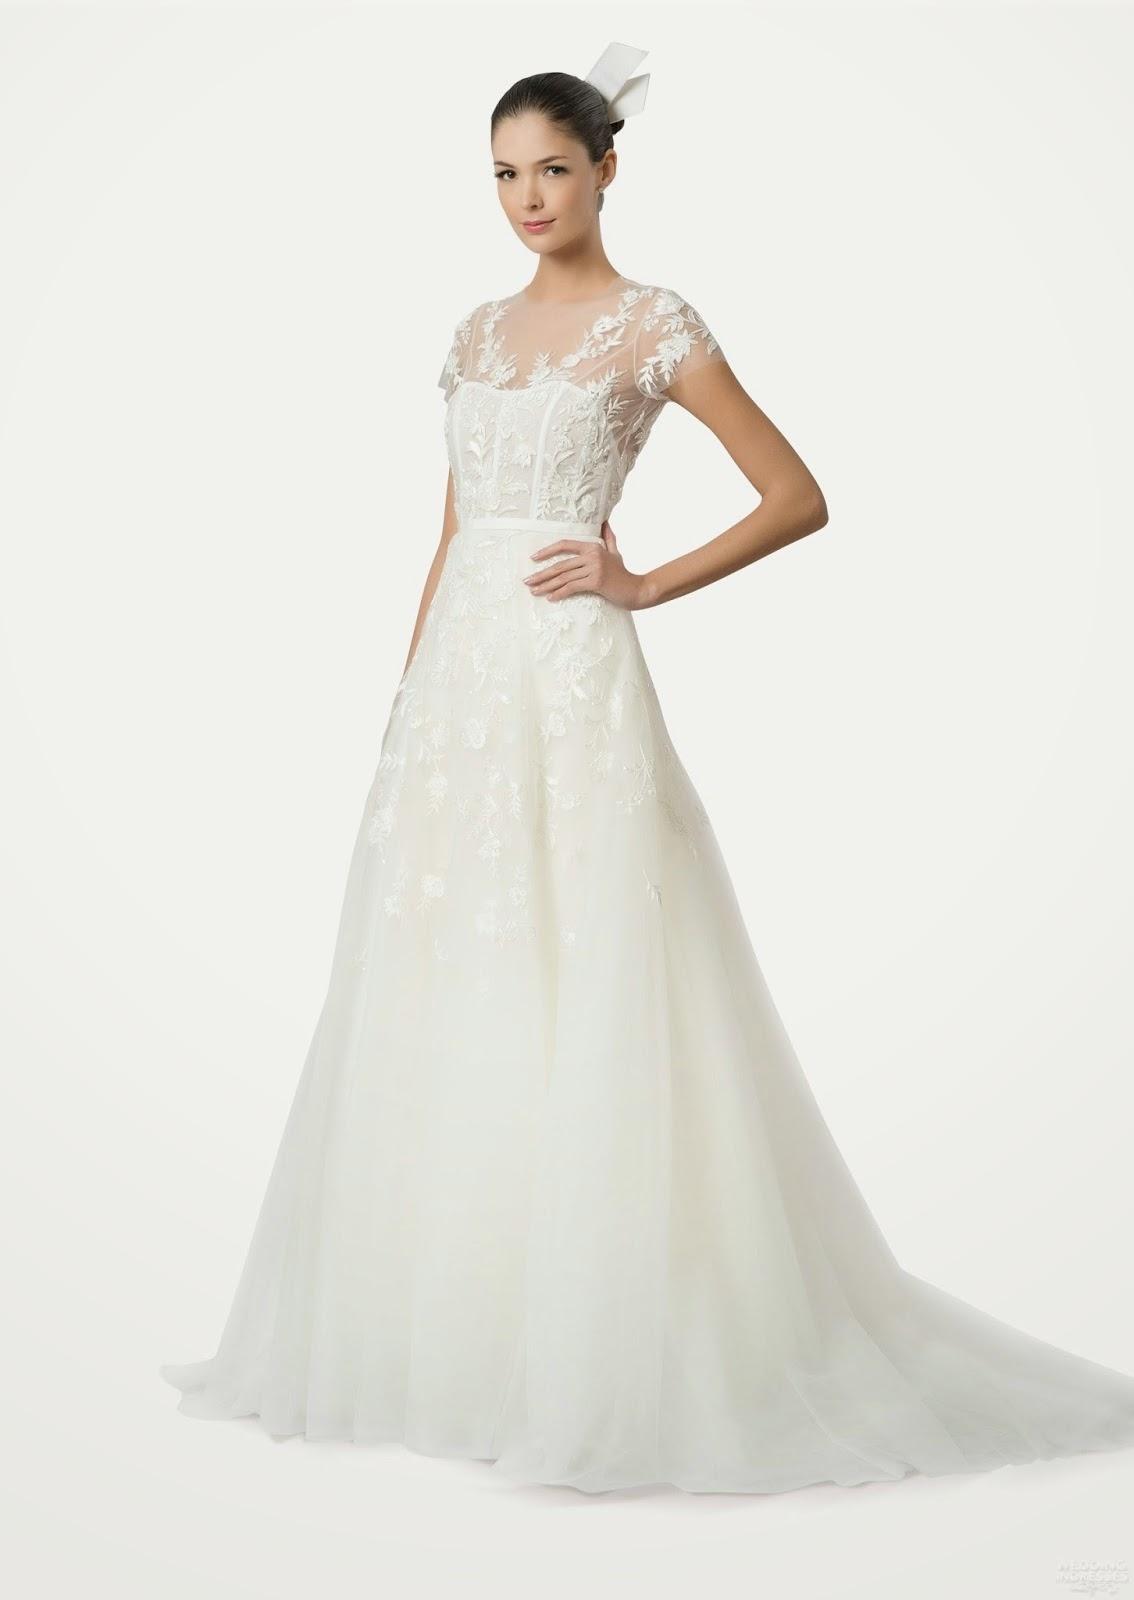 Carolina Herrera Bride Dresses 2015